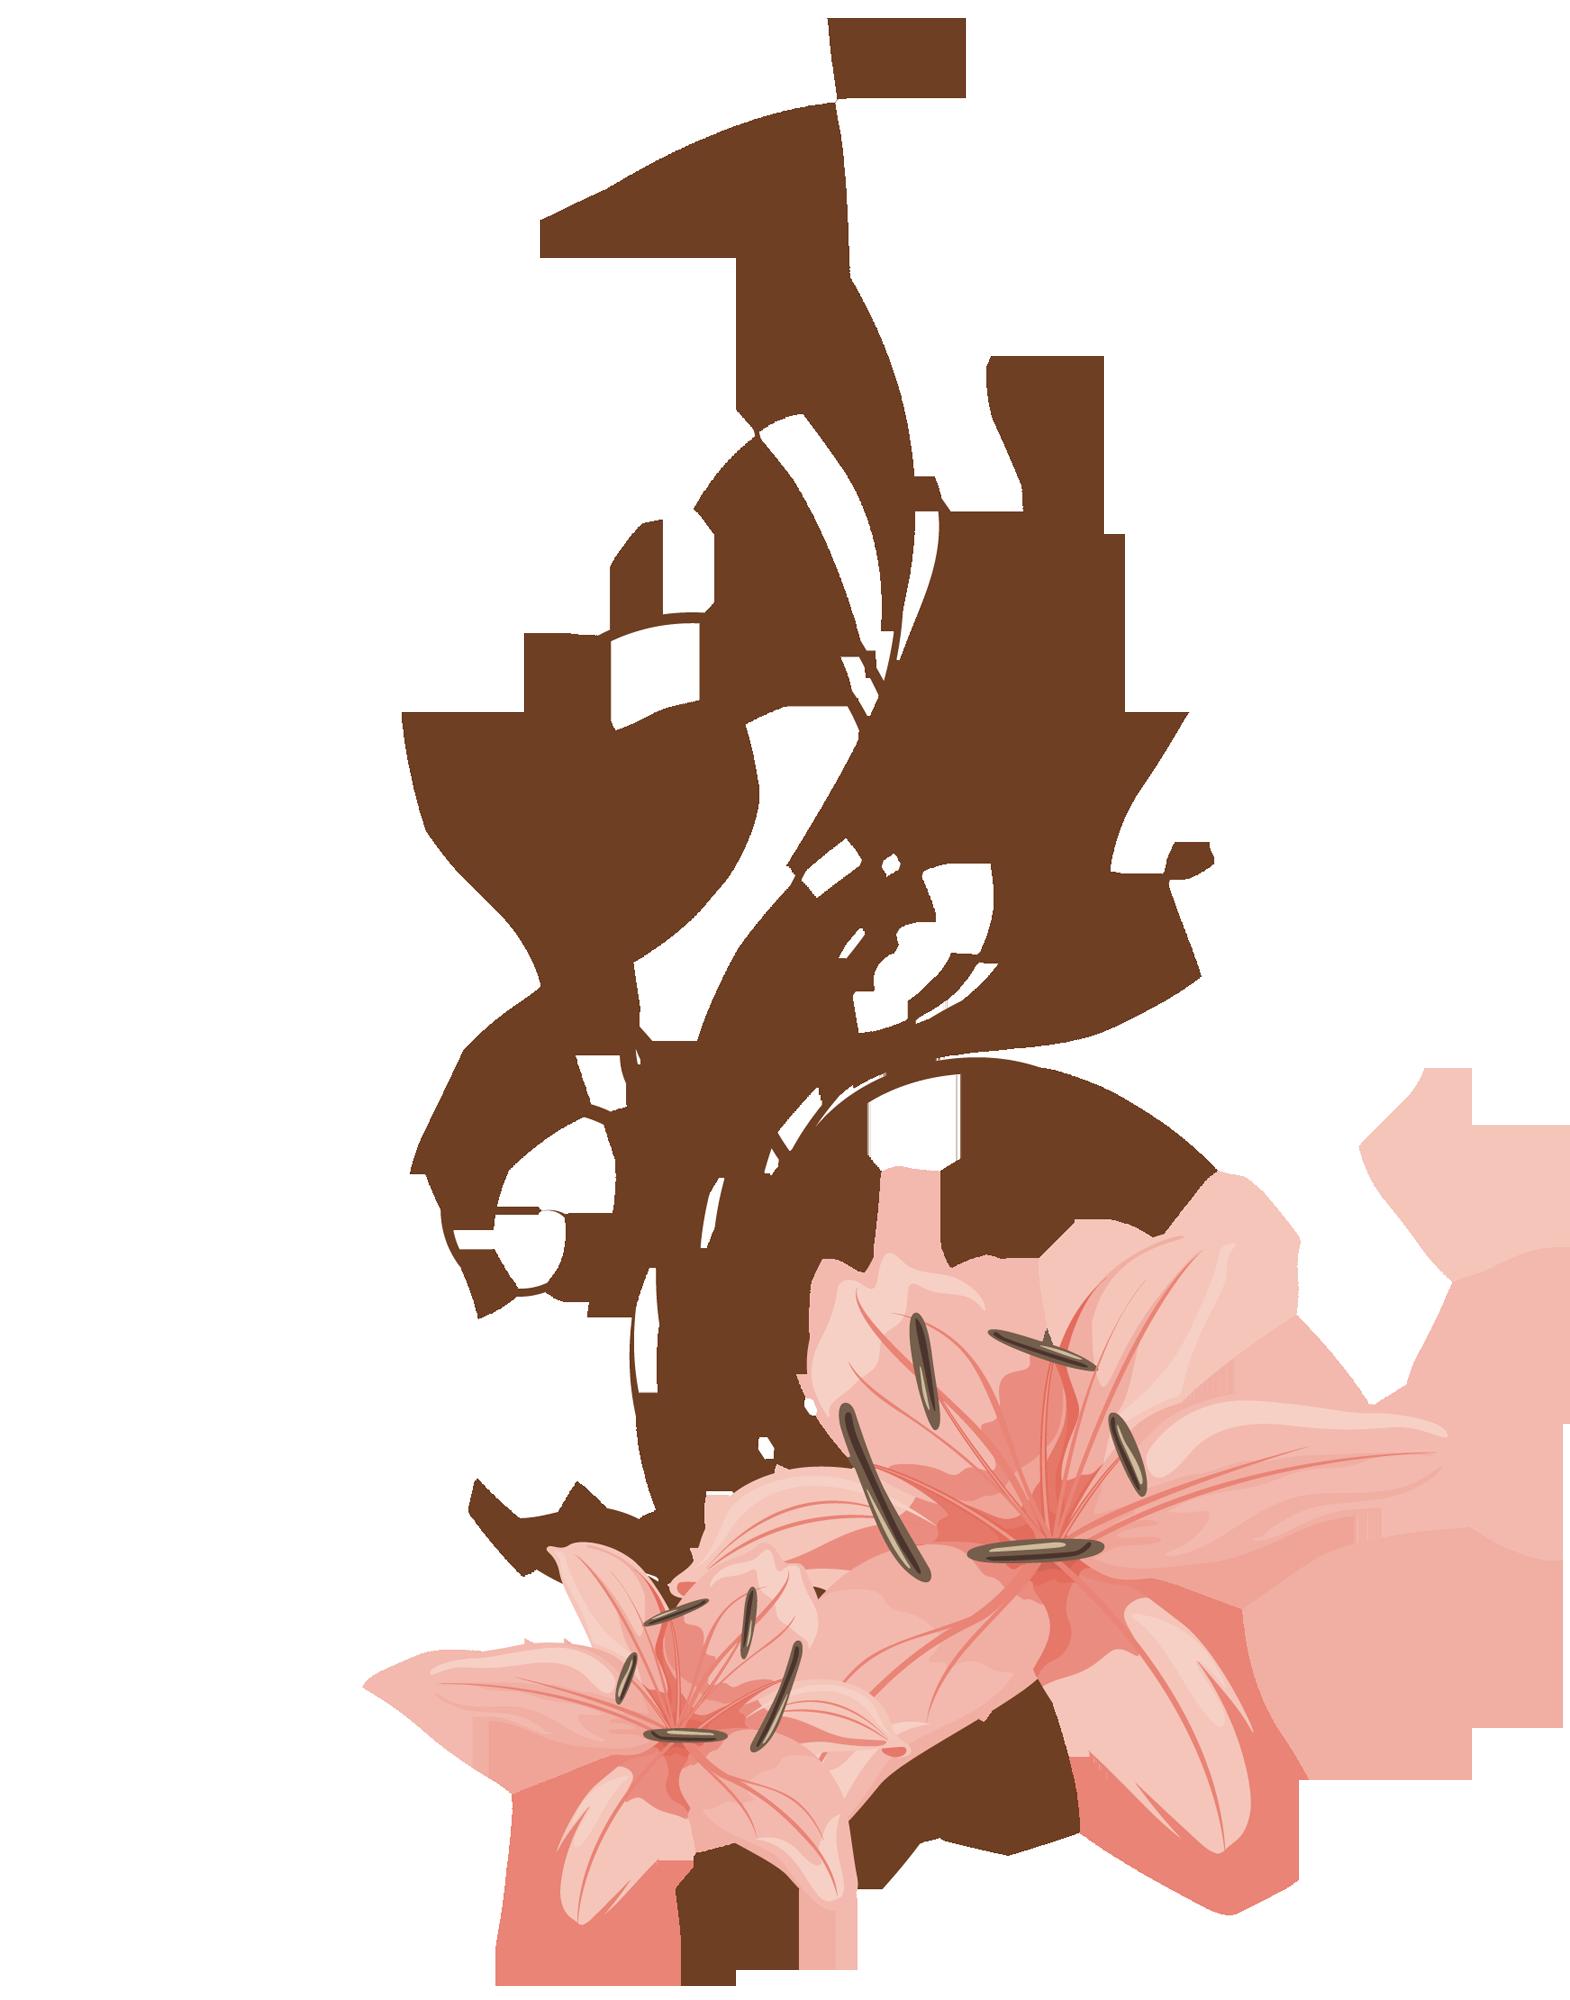 узоры с цветами картинки